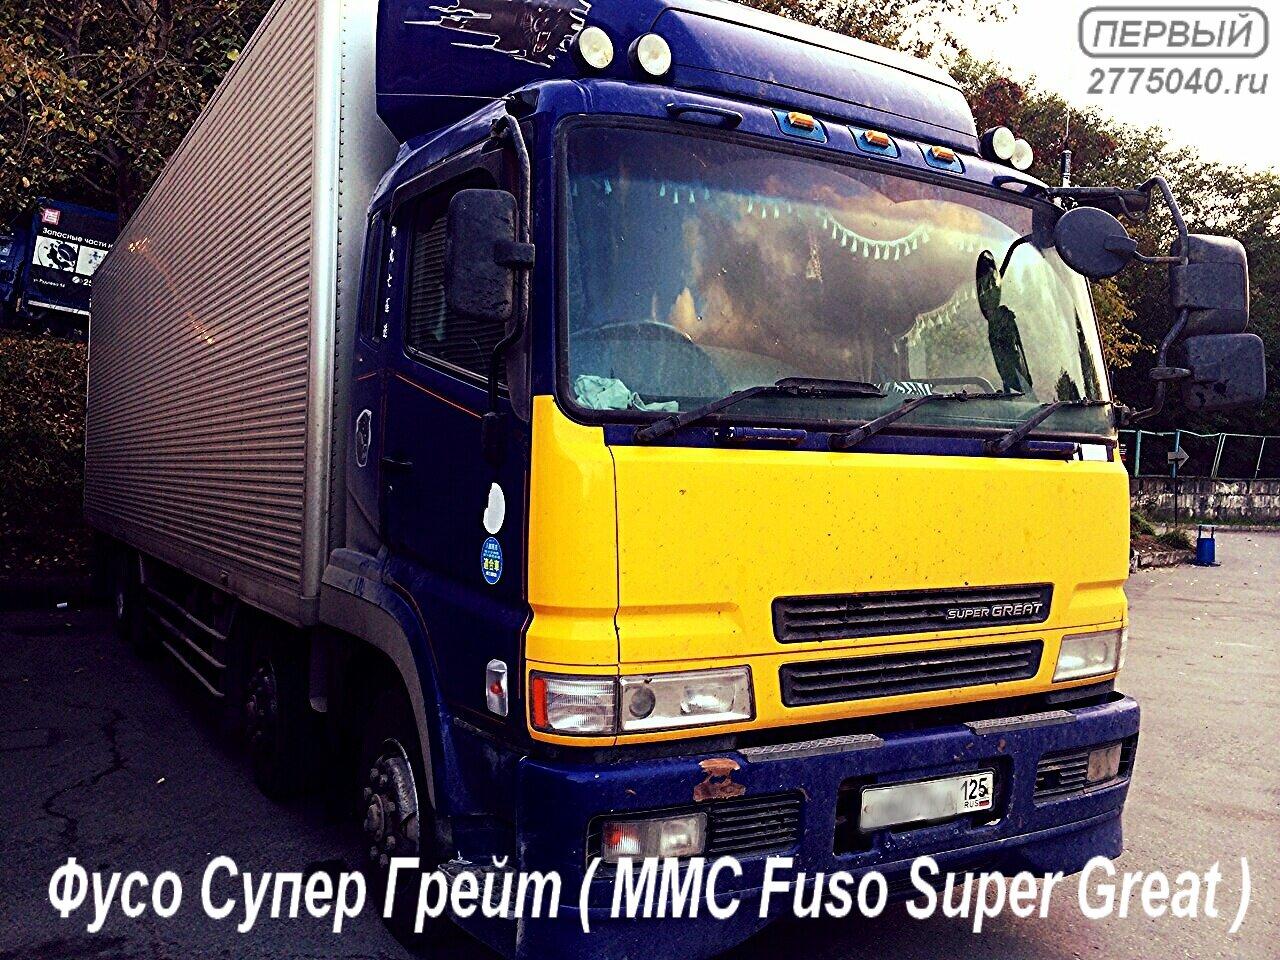 Мицубиси Фусо (Mitsubishi Fuso) Расход топлива можно снизить…